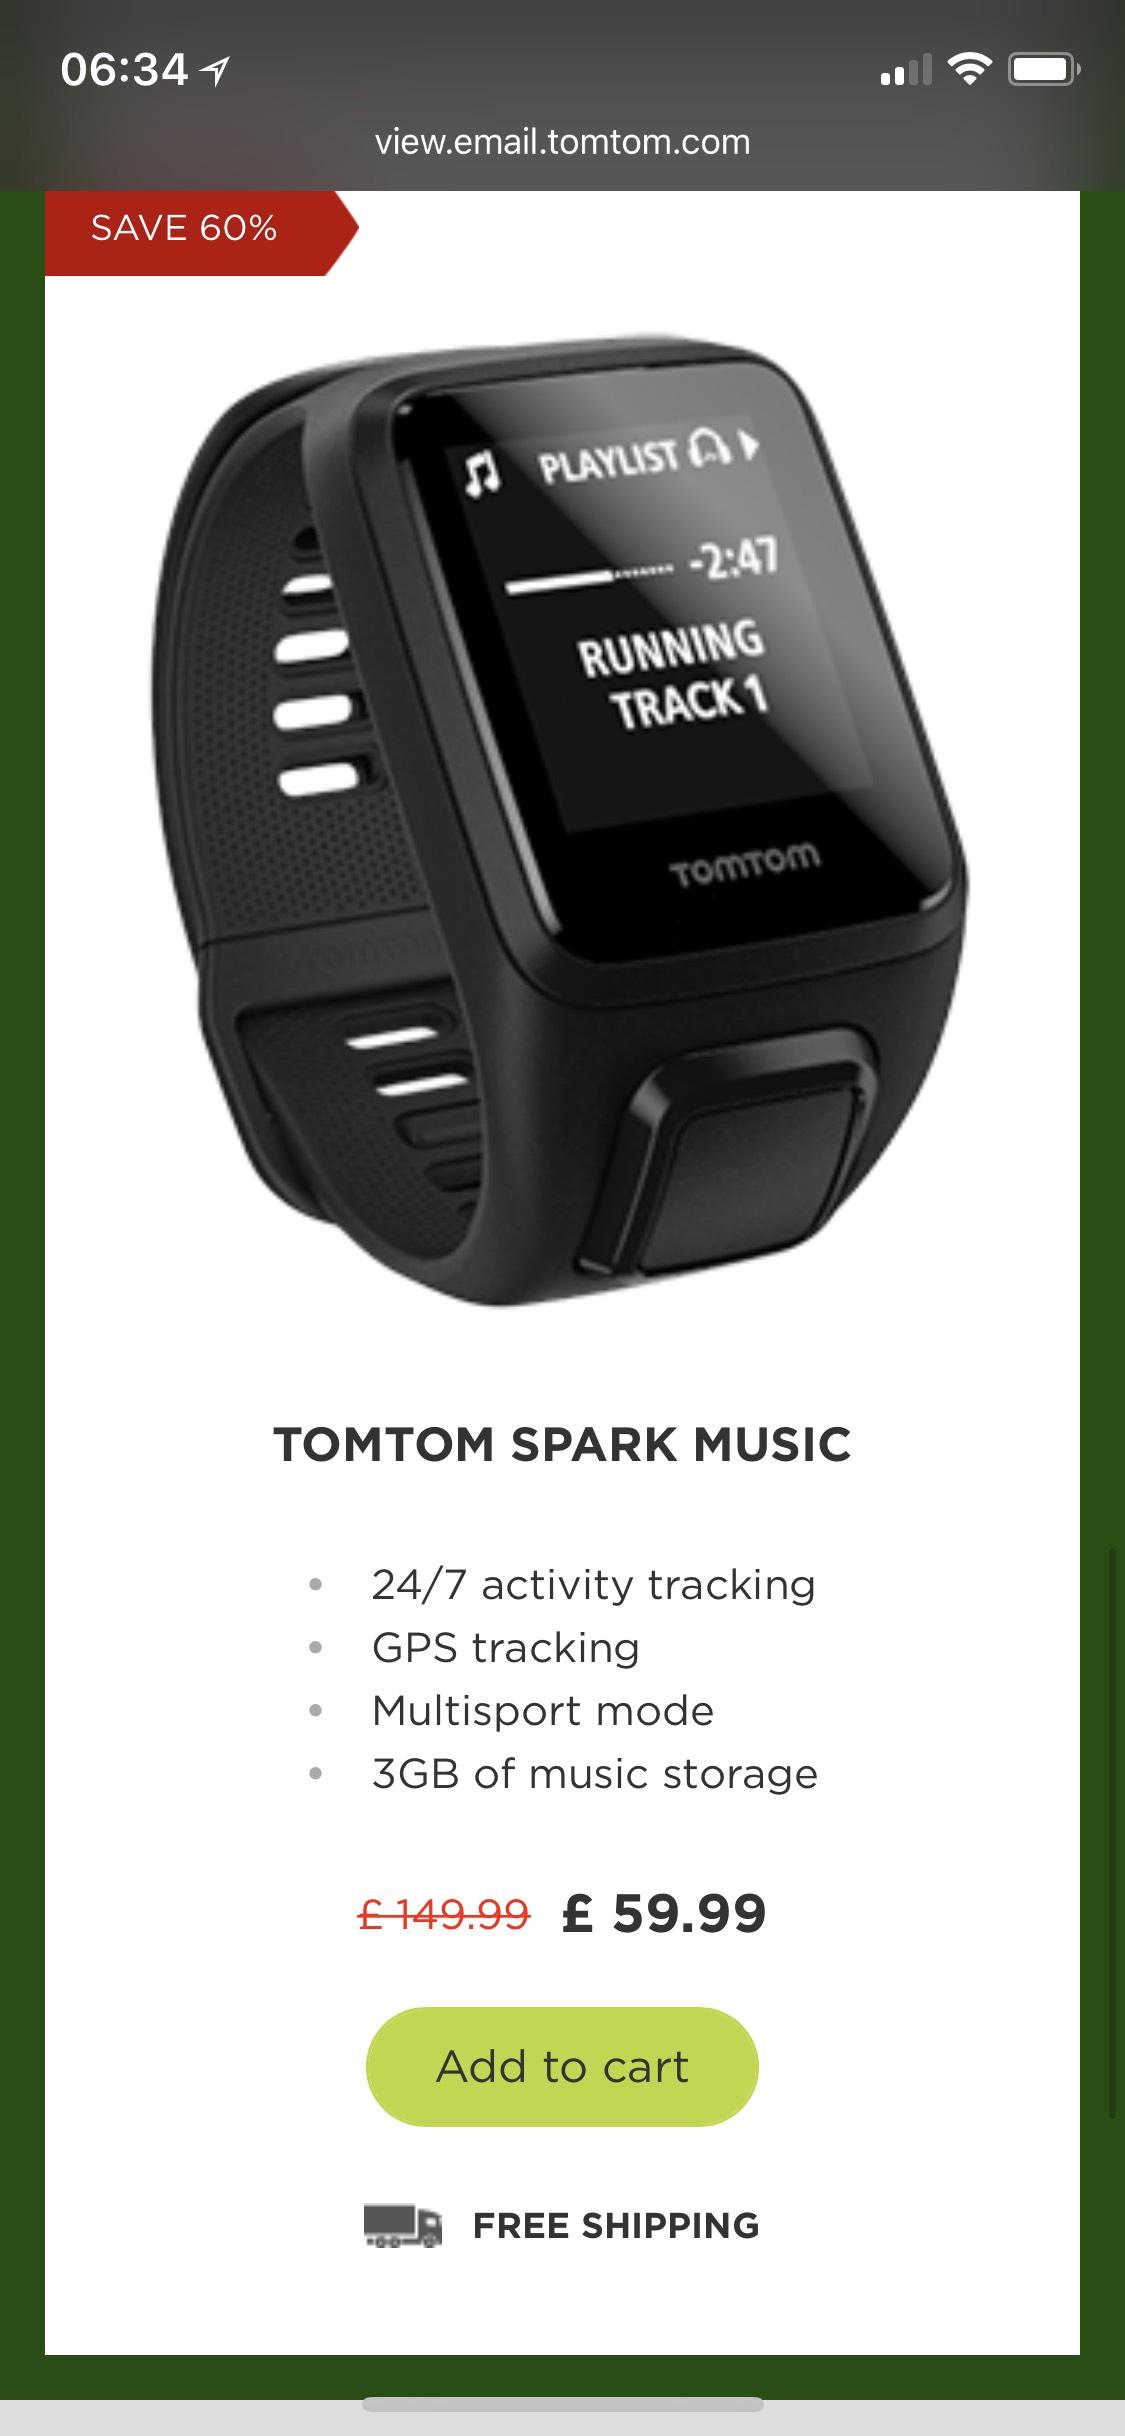 TOMTOM SPARK MUSIC £59.99 tomtom.com